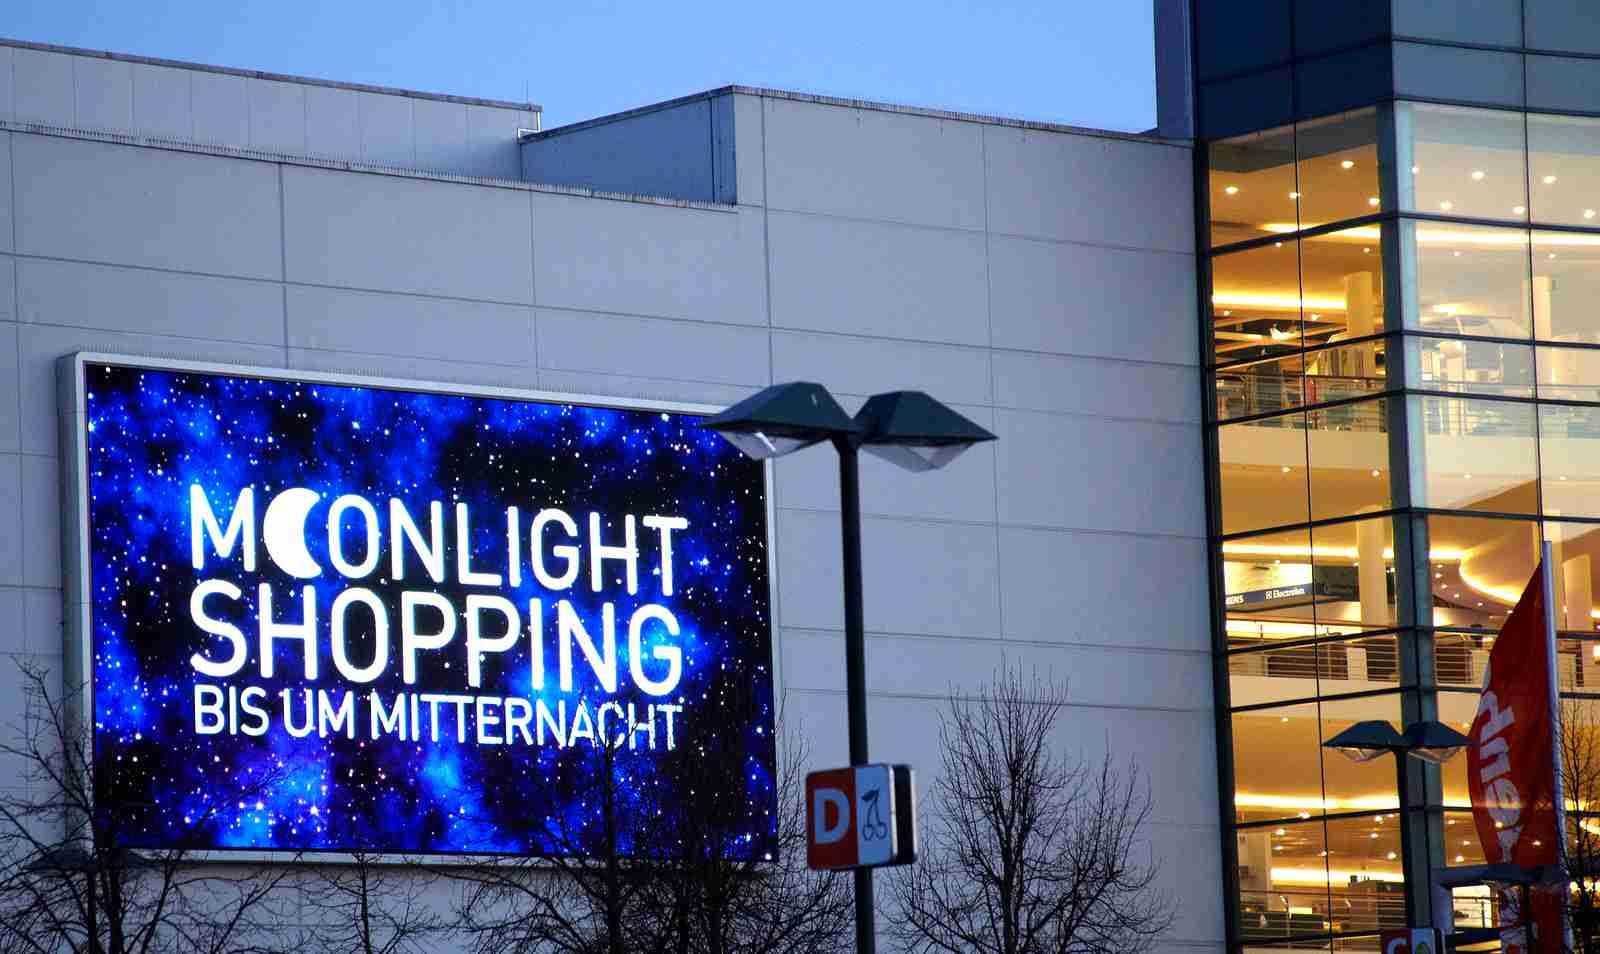 loftparty und moonlight shopping bei dodenhof ganz hamburg. Black Bedroom Furniture Sets. Home Design Ideas